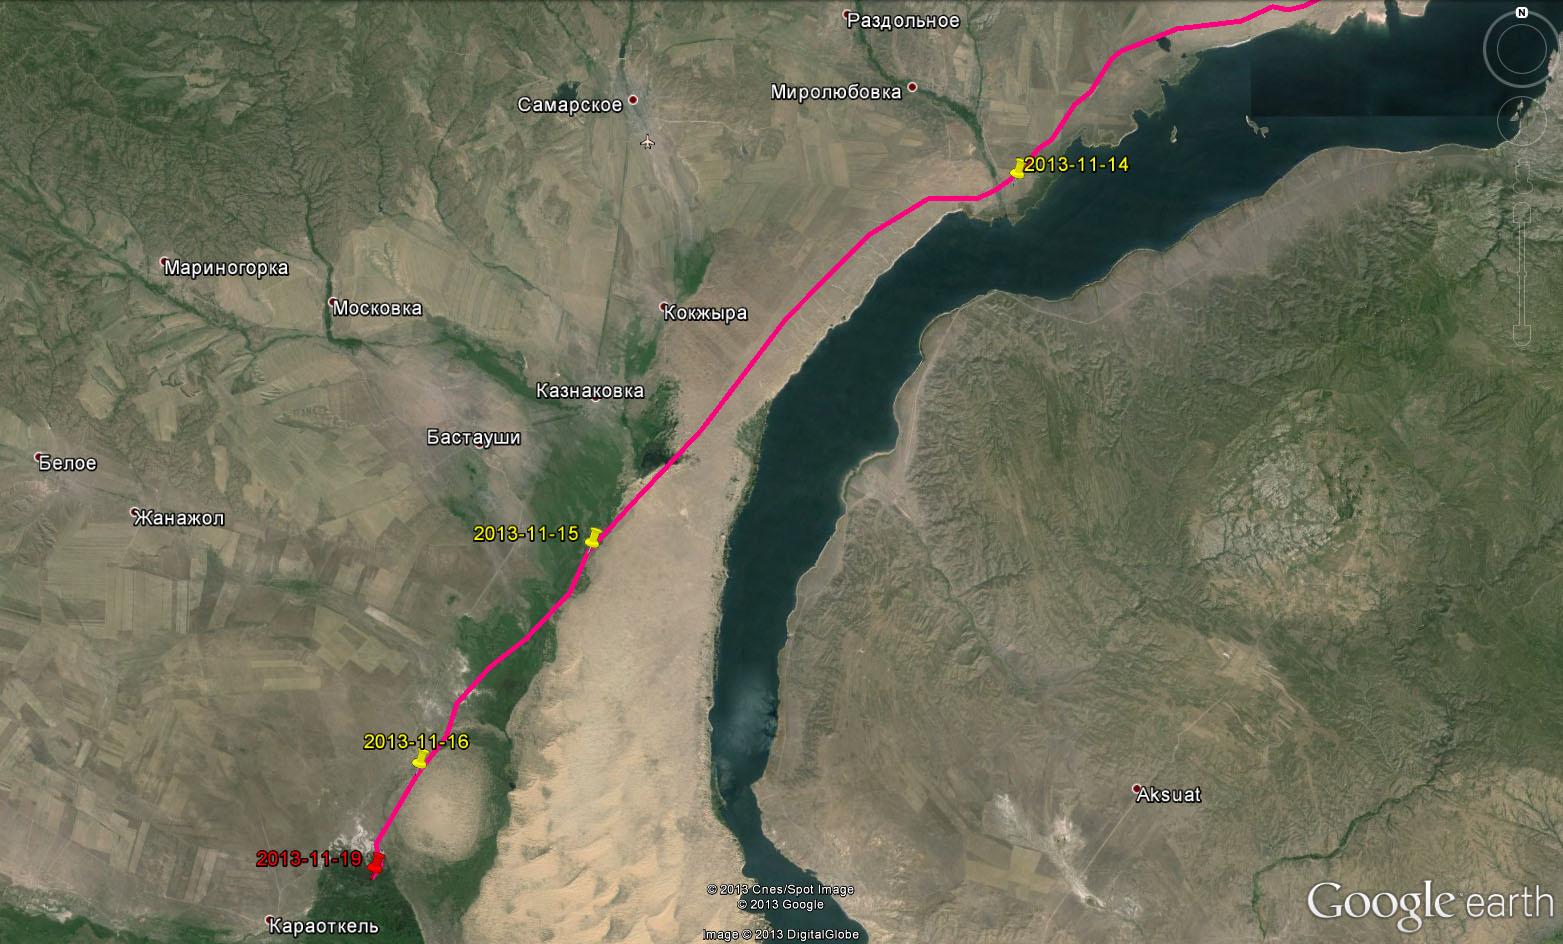 Схема перемещений Дуси за 14 ноября - 17 ноября 2013 г. Красным отмечена точка гибели птицы